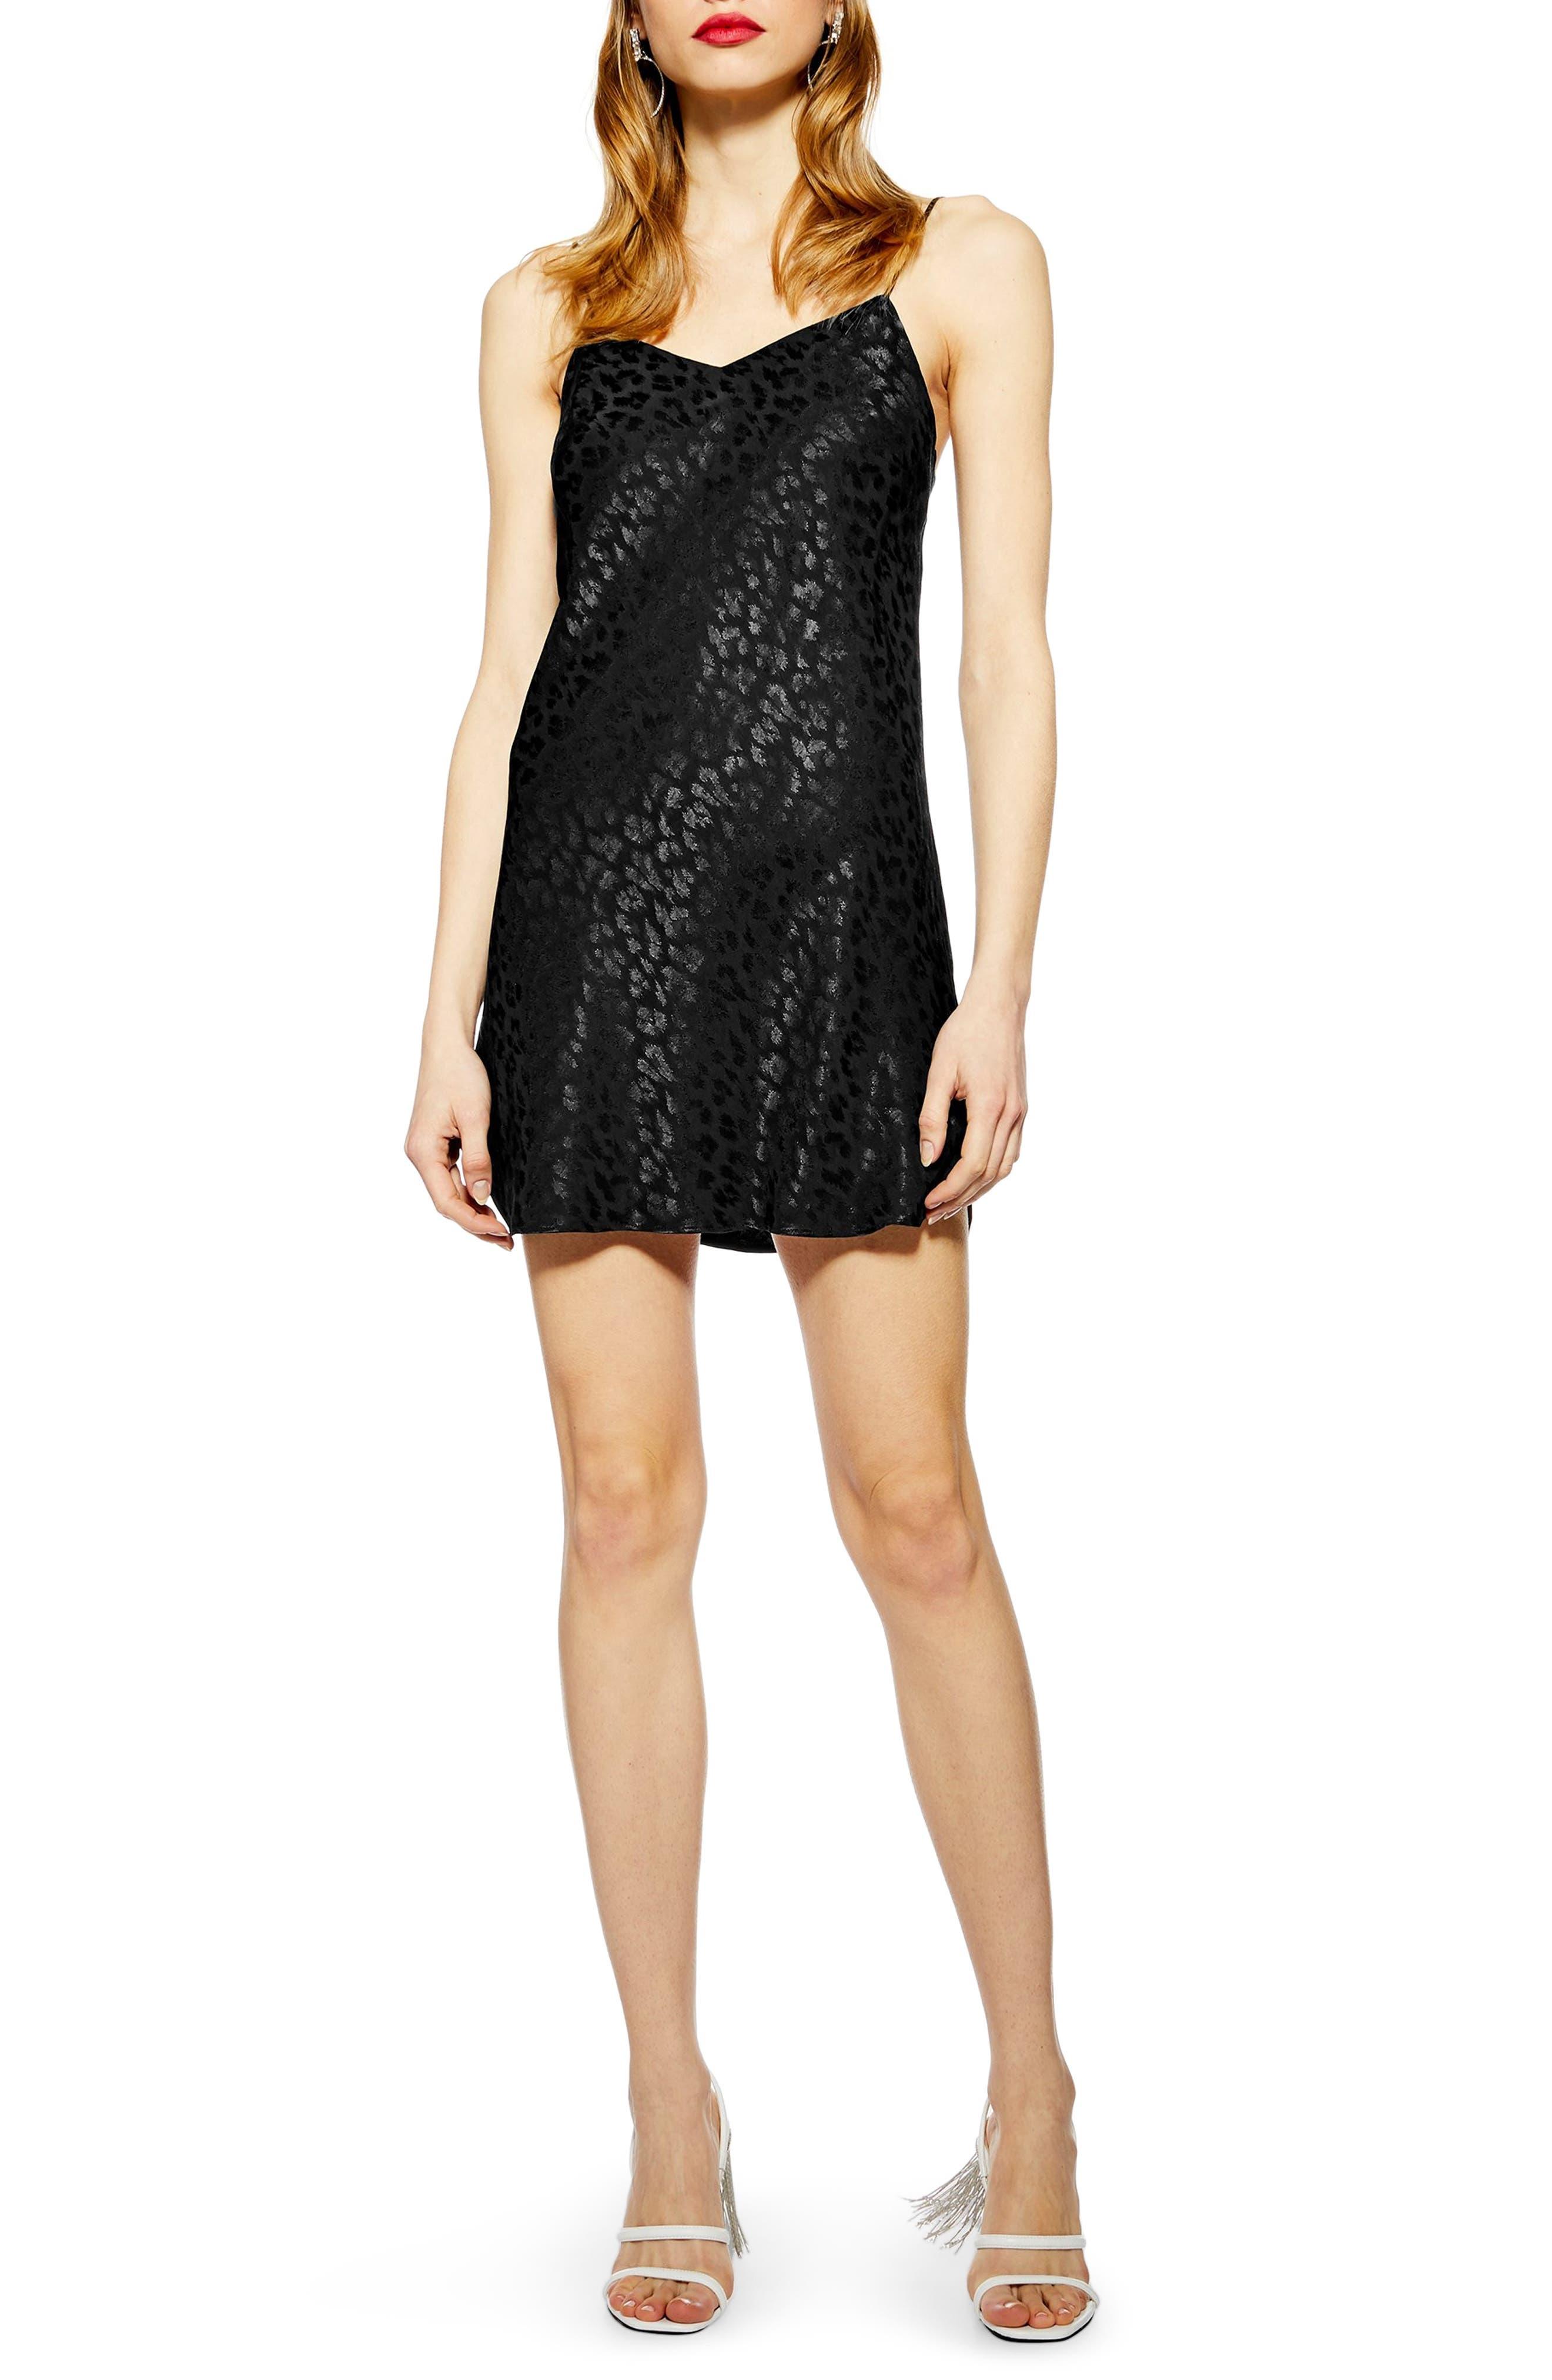 Petite Topshop Jacquard Mini Slipdress, P US (fits like 2-4P) - Black